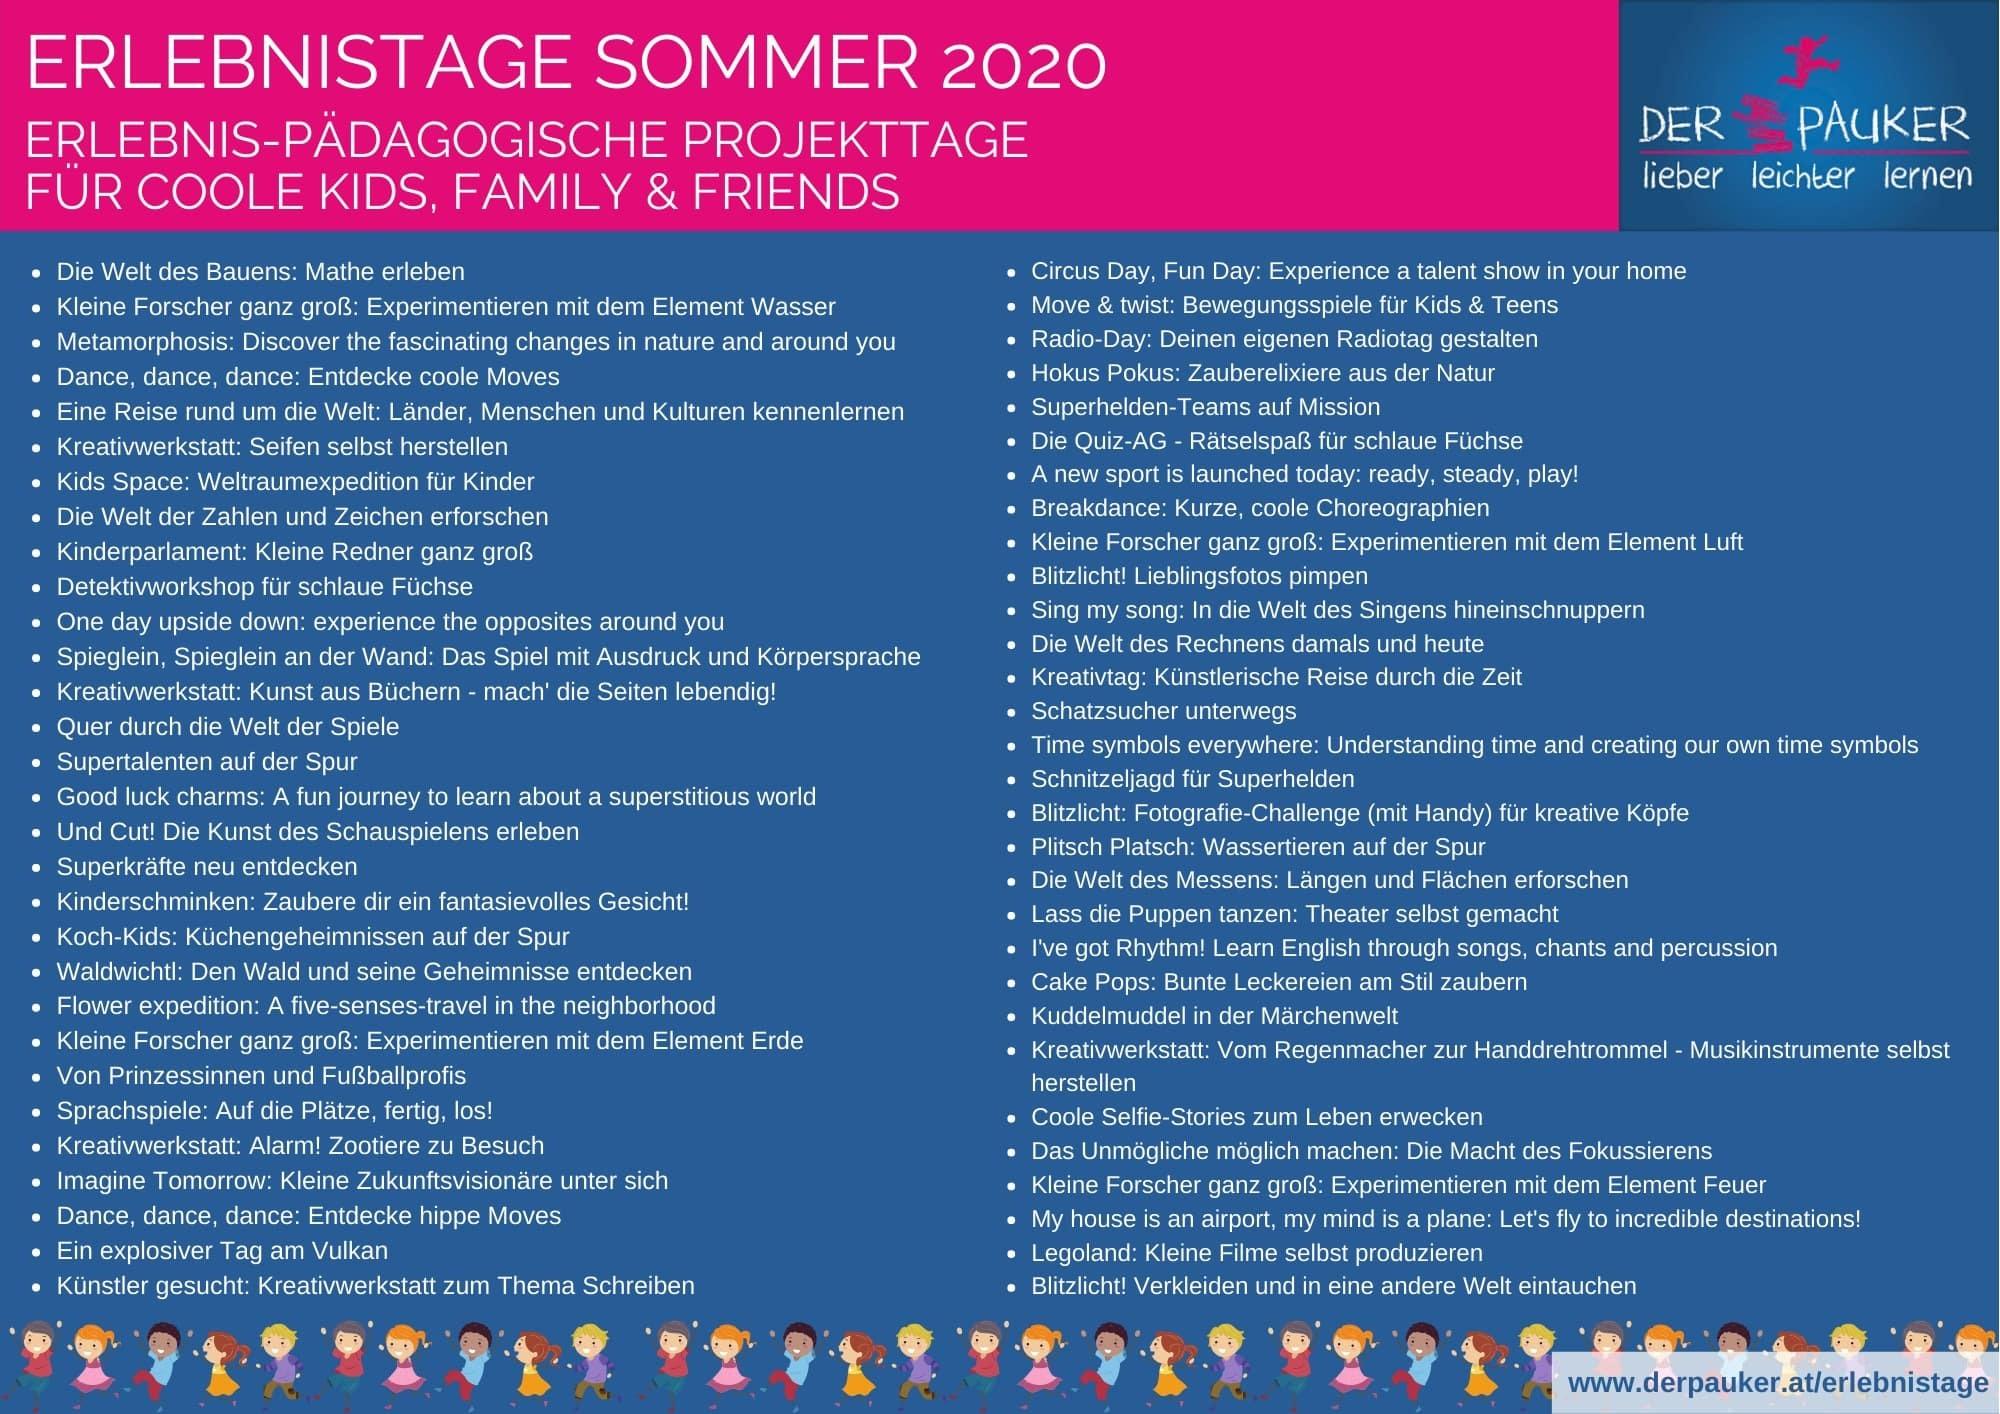 Erlebnistage-Themenliste-2020